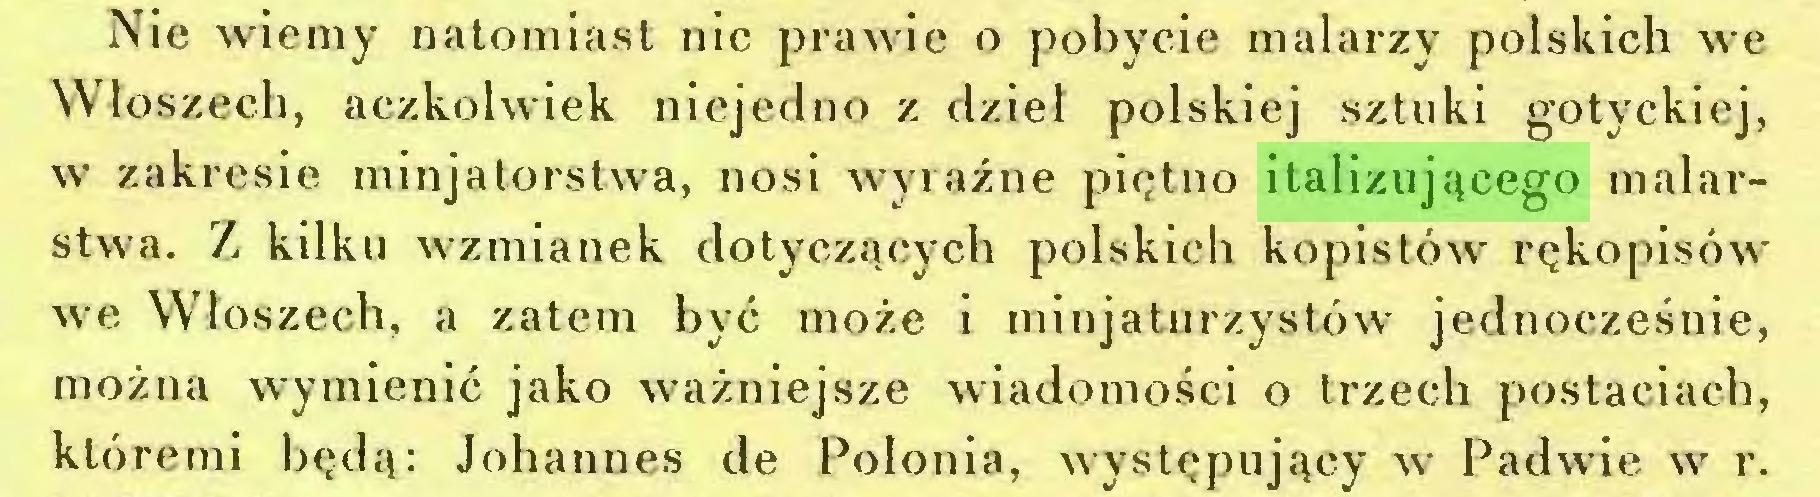 (...) Nie wiemy natomiast nic prawie o pobycie malarzy polskich we Włoszech, aczkolwiek niejedno z dzieł polskiej sztuki gotyckiej, w zakresie minjatorstwa, nosi wyraźne piętno italizującego malarstwa. Z kilku wzmianek dotyczących polskich kopistów rękopisów we Włoszech, a zatem być może i minjaturzystów jednocześnie, można wymienić jako ważniejsze wiadomości o trzech postaciach, któremi będą: Johannes de Polonia, występujący w Padwie w r...